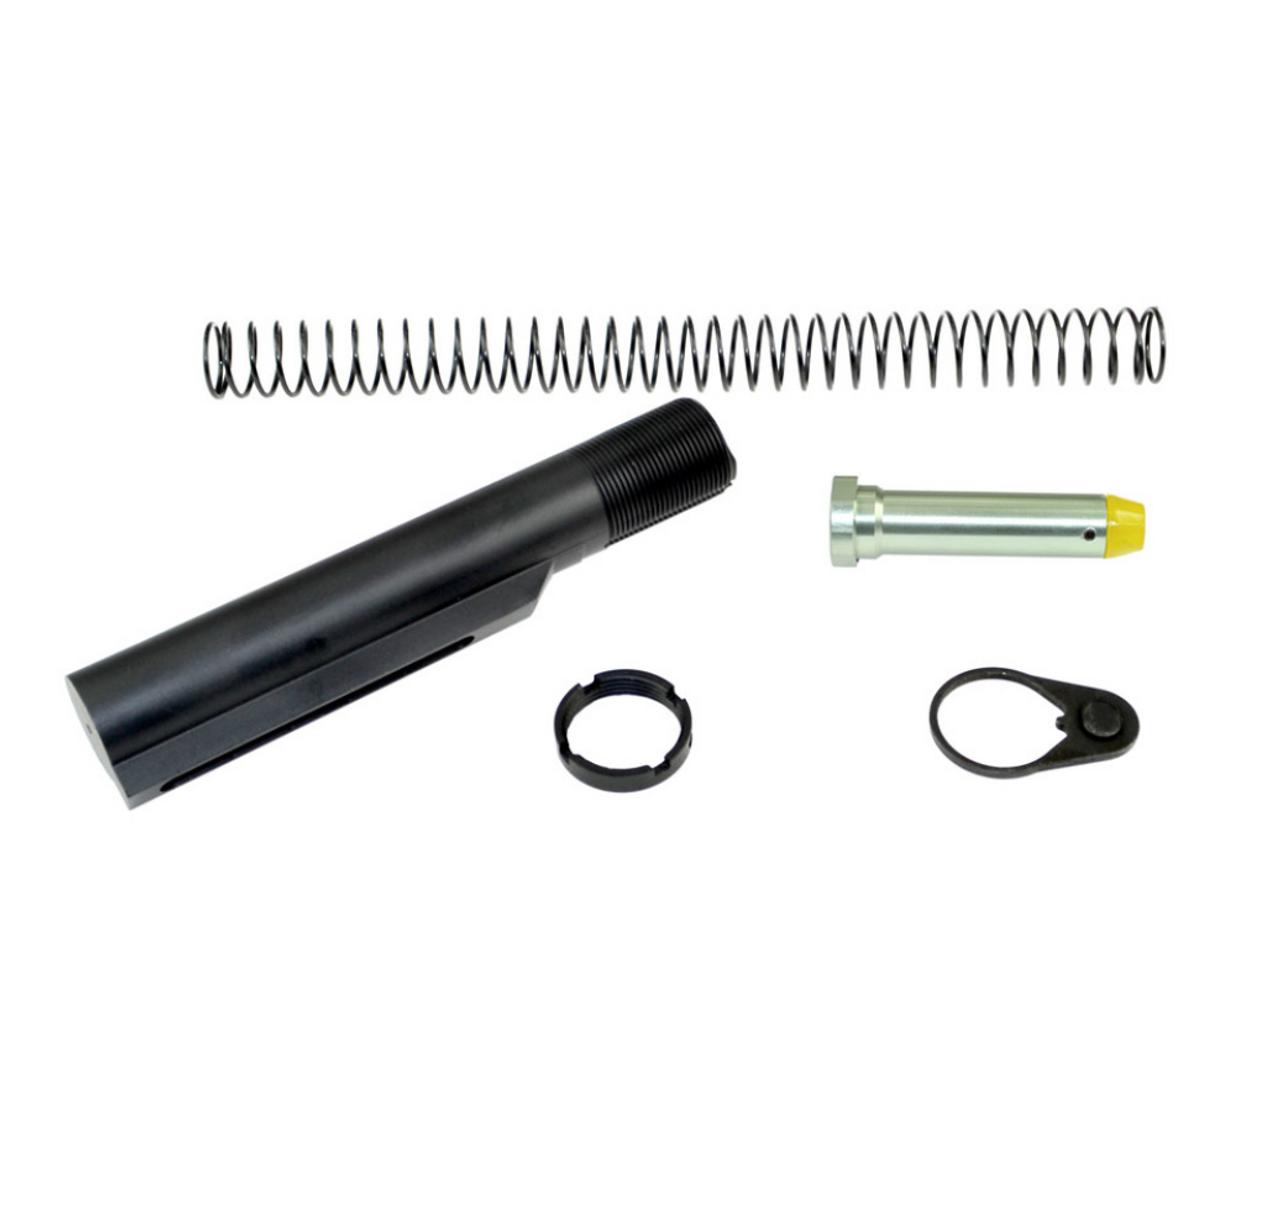 AR-15 6 Position Aluminum Buffer Tube Kit, Mil Spec